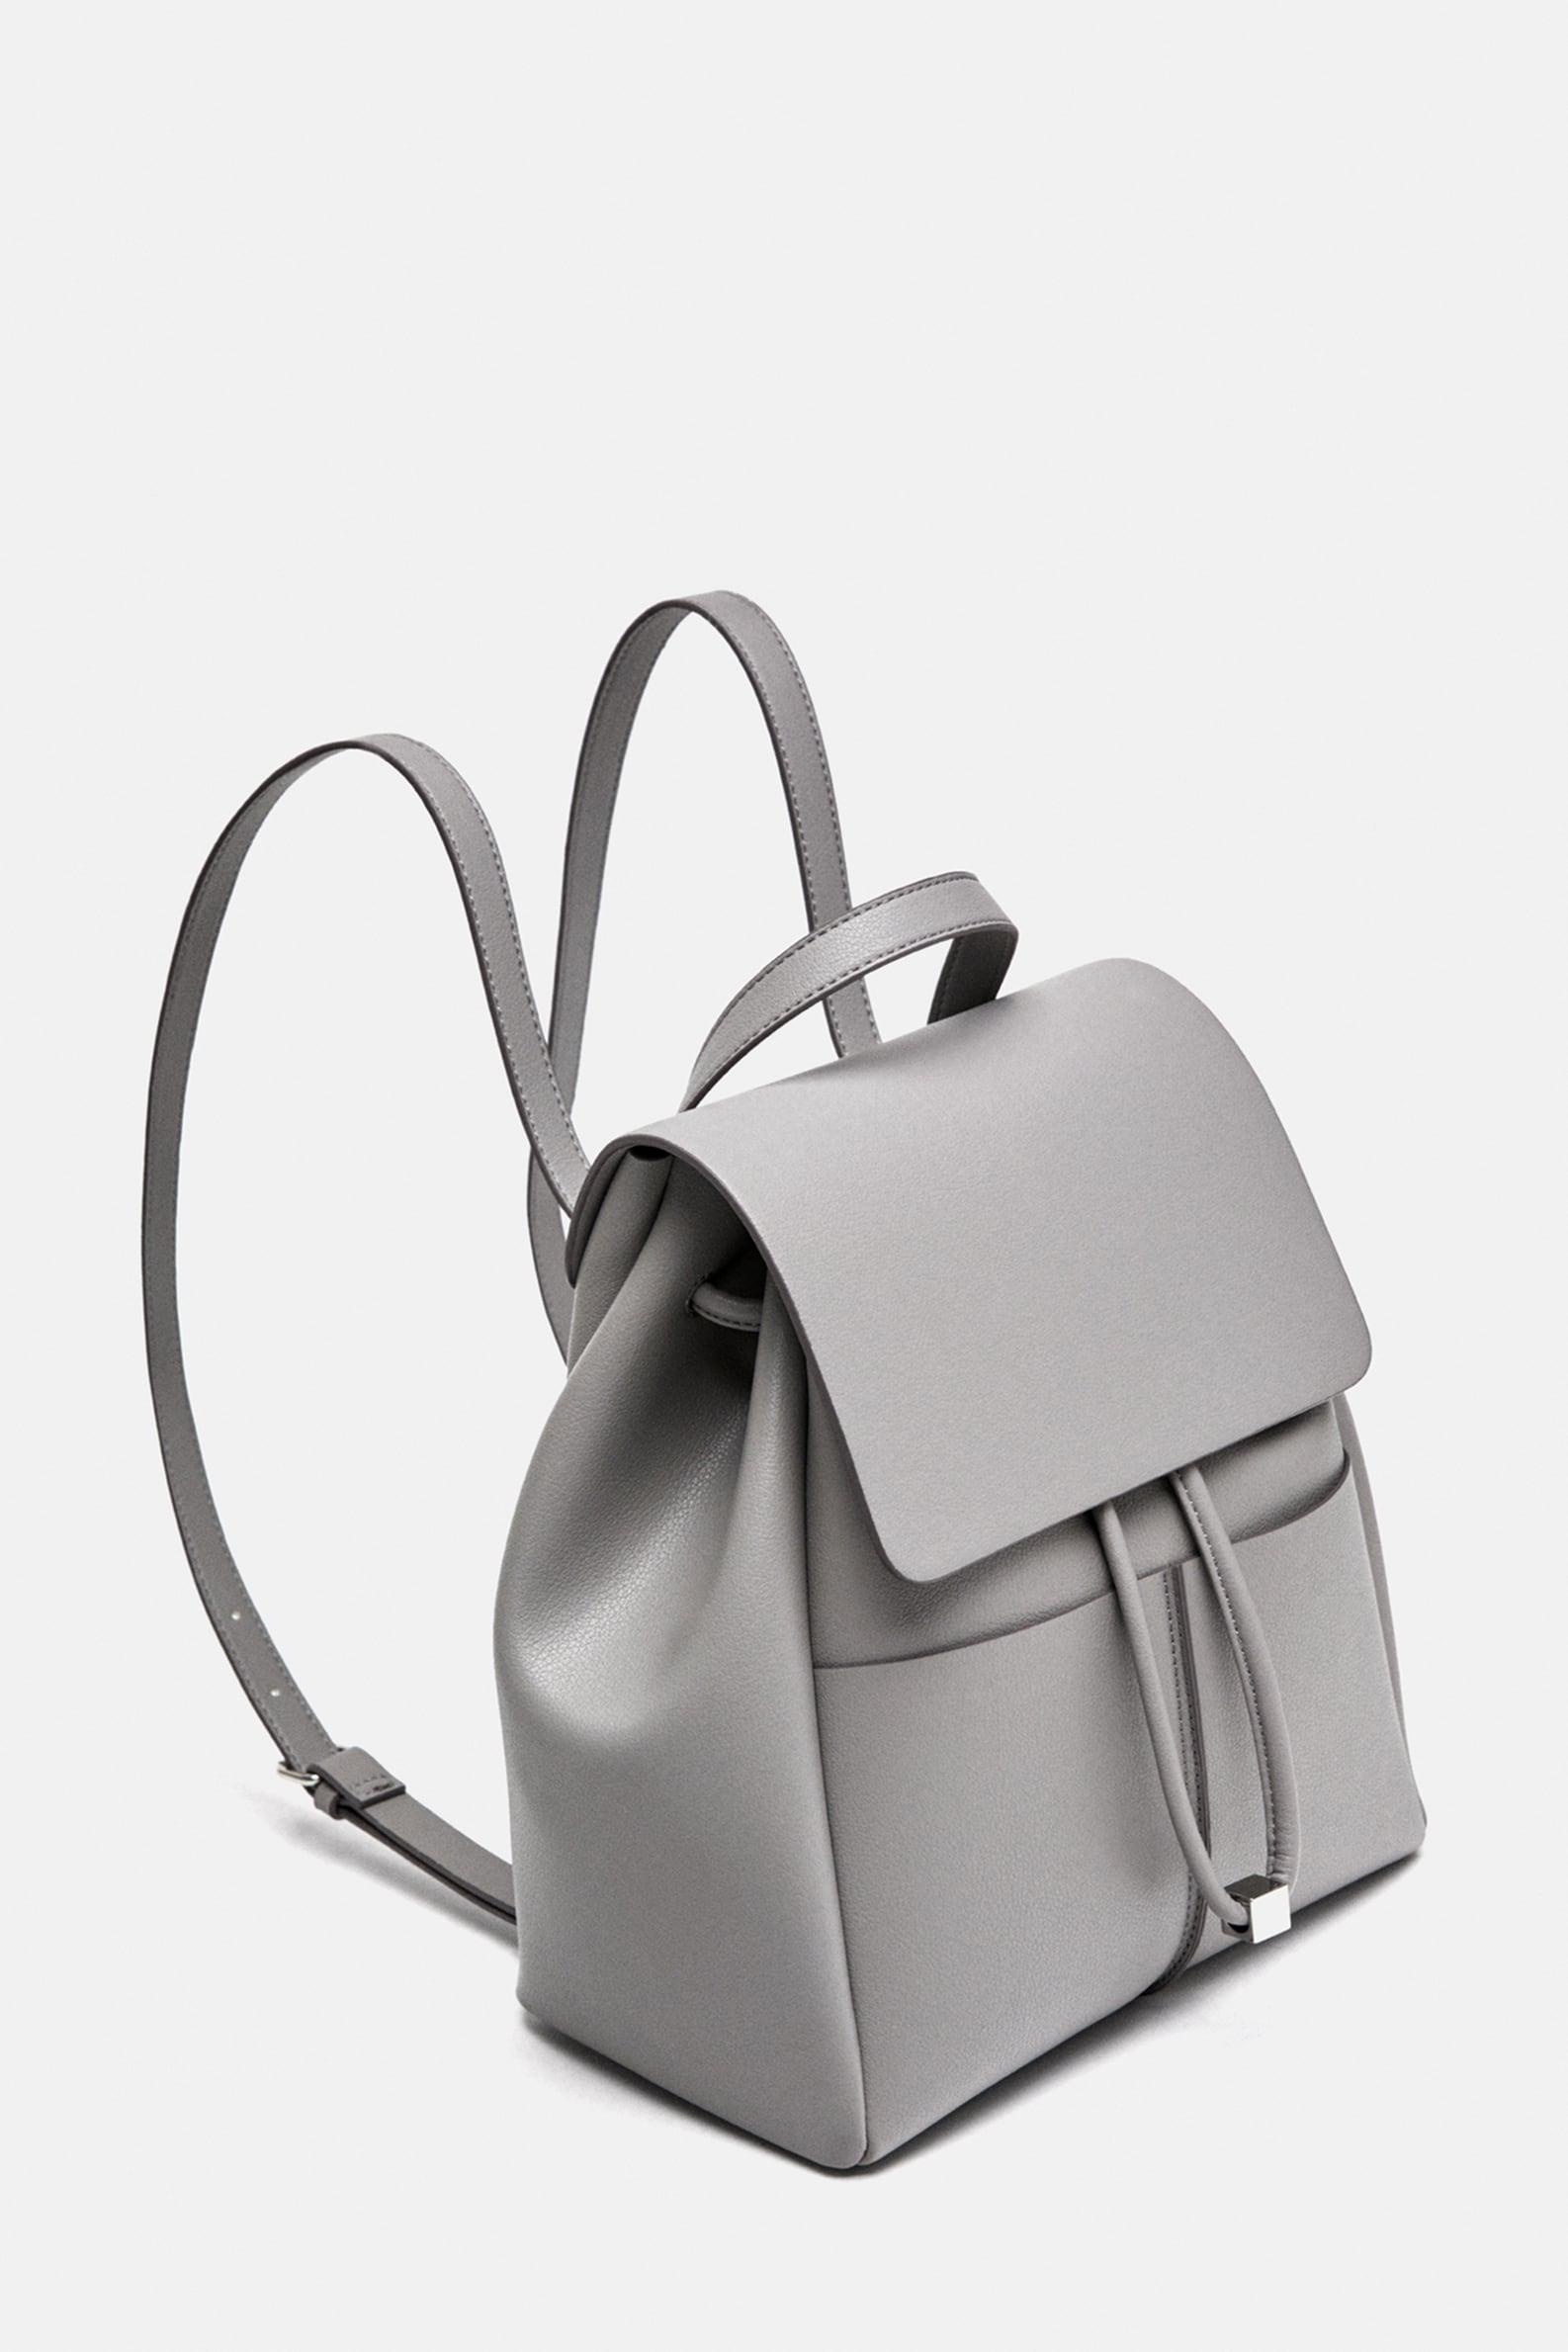 Zaino grigio Zara a 19,95 euro